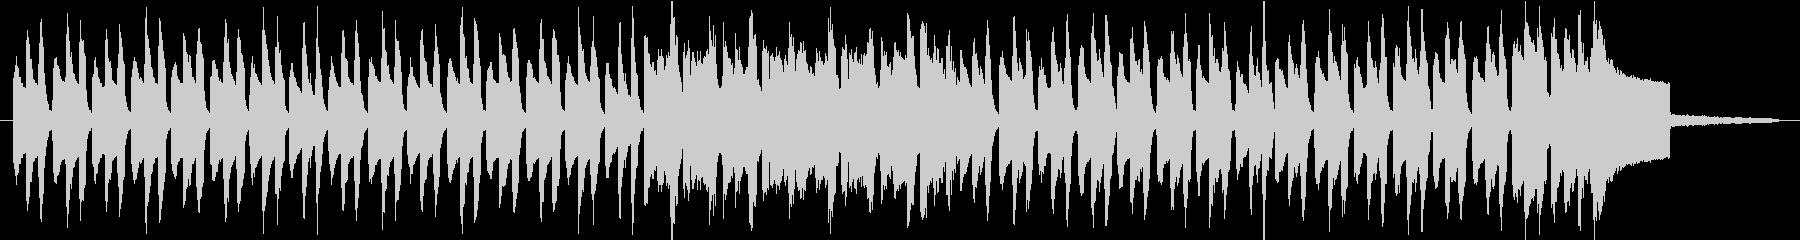 ほのぼのしたリコーダーのワルツの未再生の波形